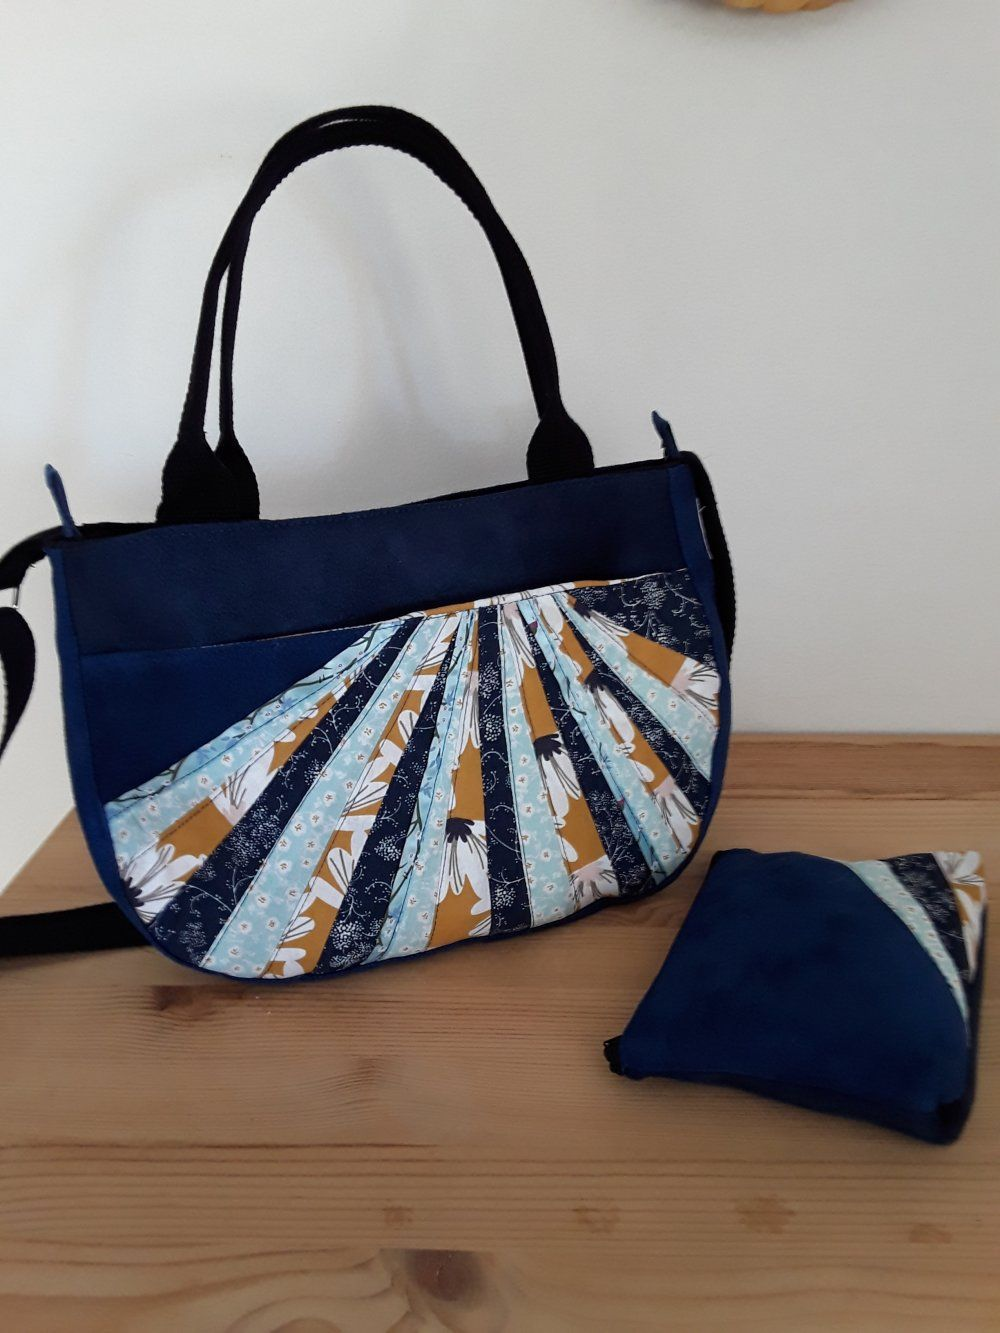 8deef4b589 Sac à main, sac bandoulière, sac porté épaule, suédine bleu nuit , pochette